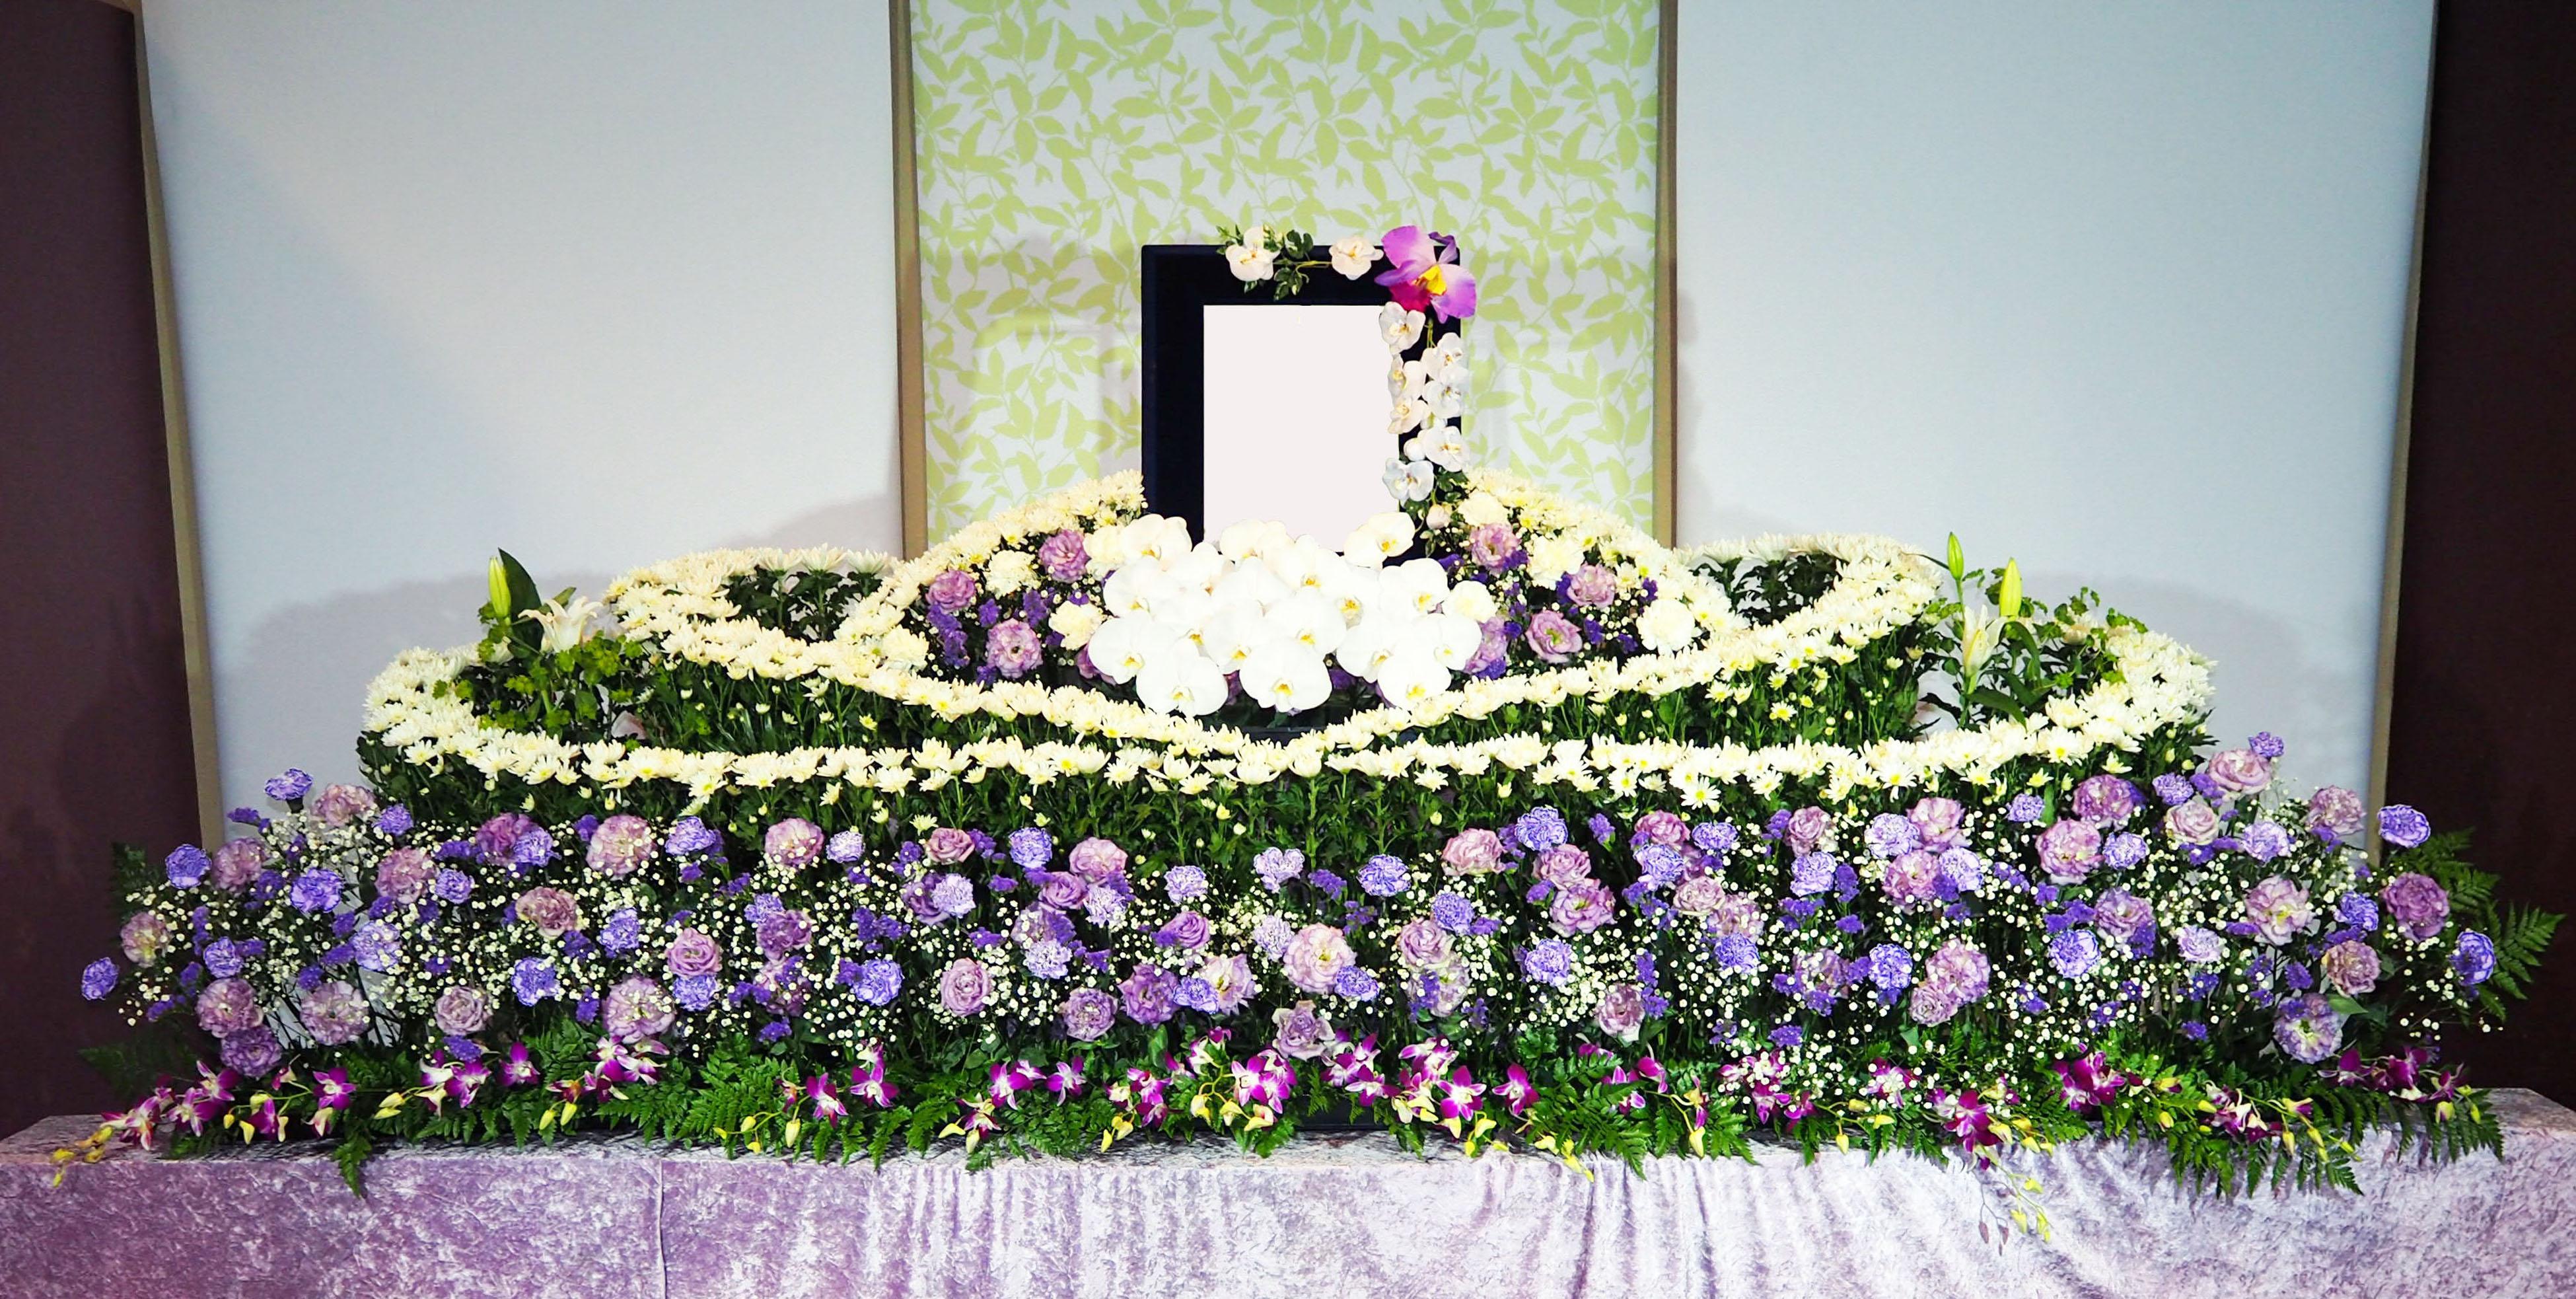 生花祭壇 ART103